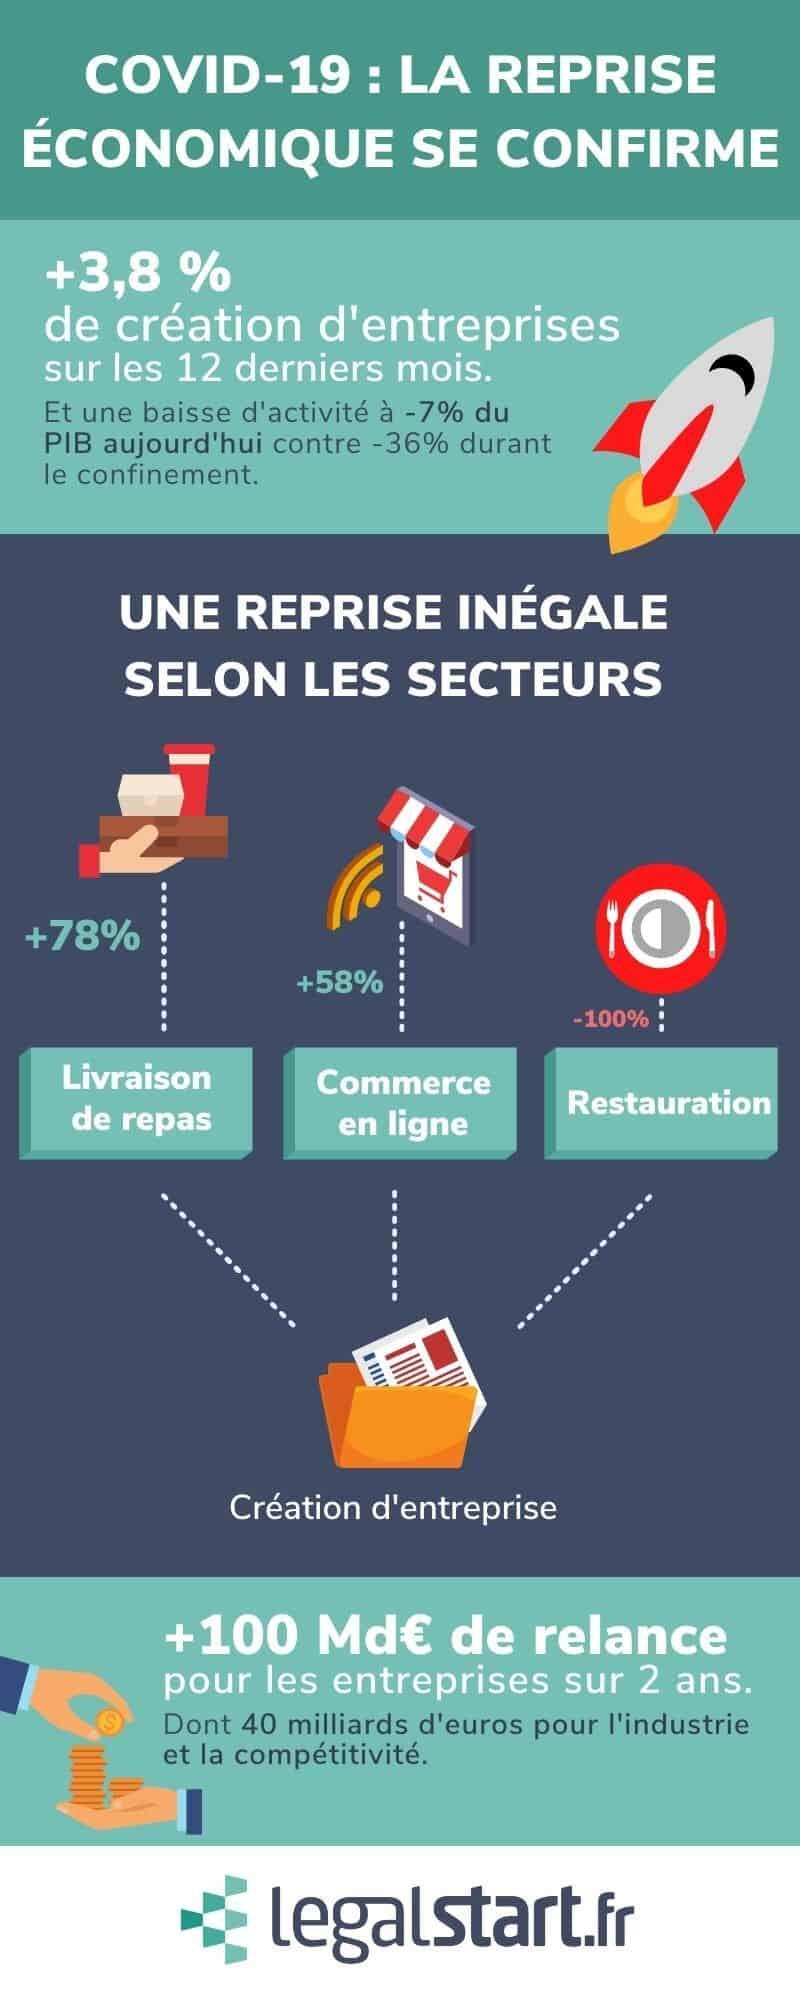 covid-19 entrepreneuriat français reprise economique